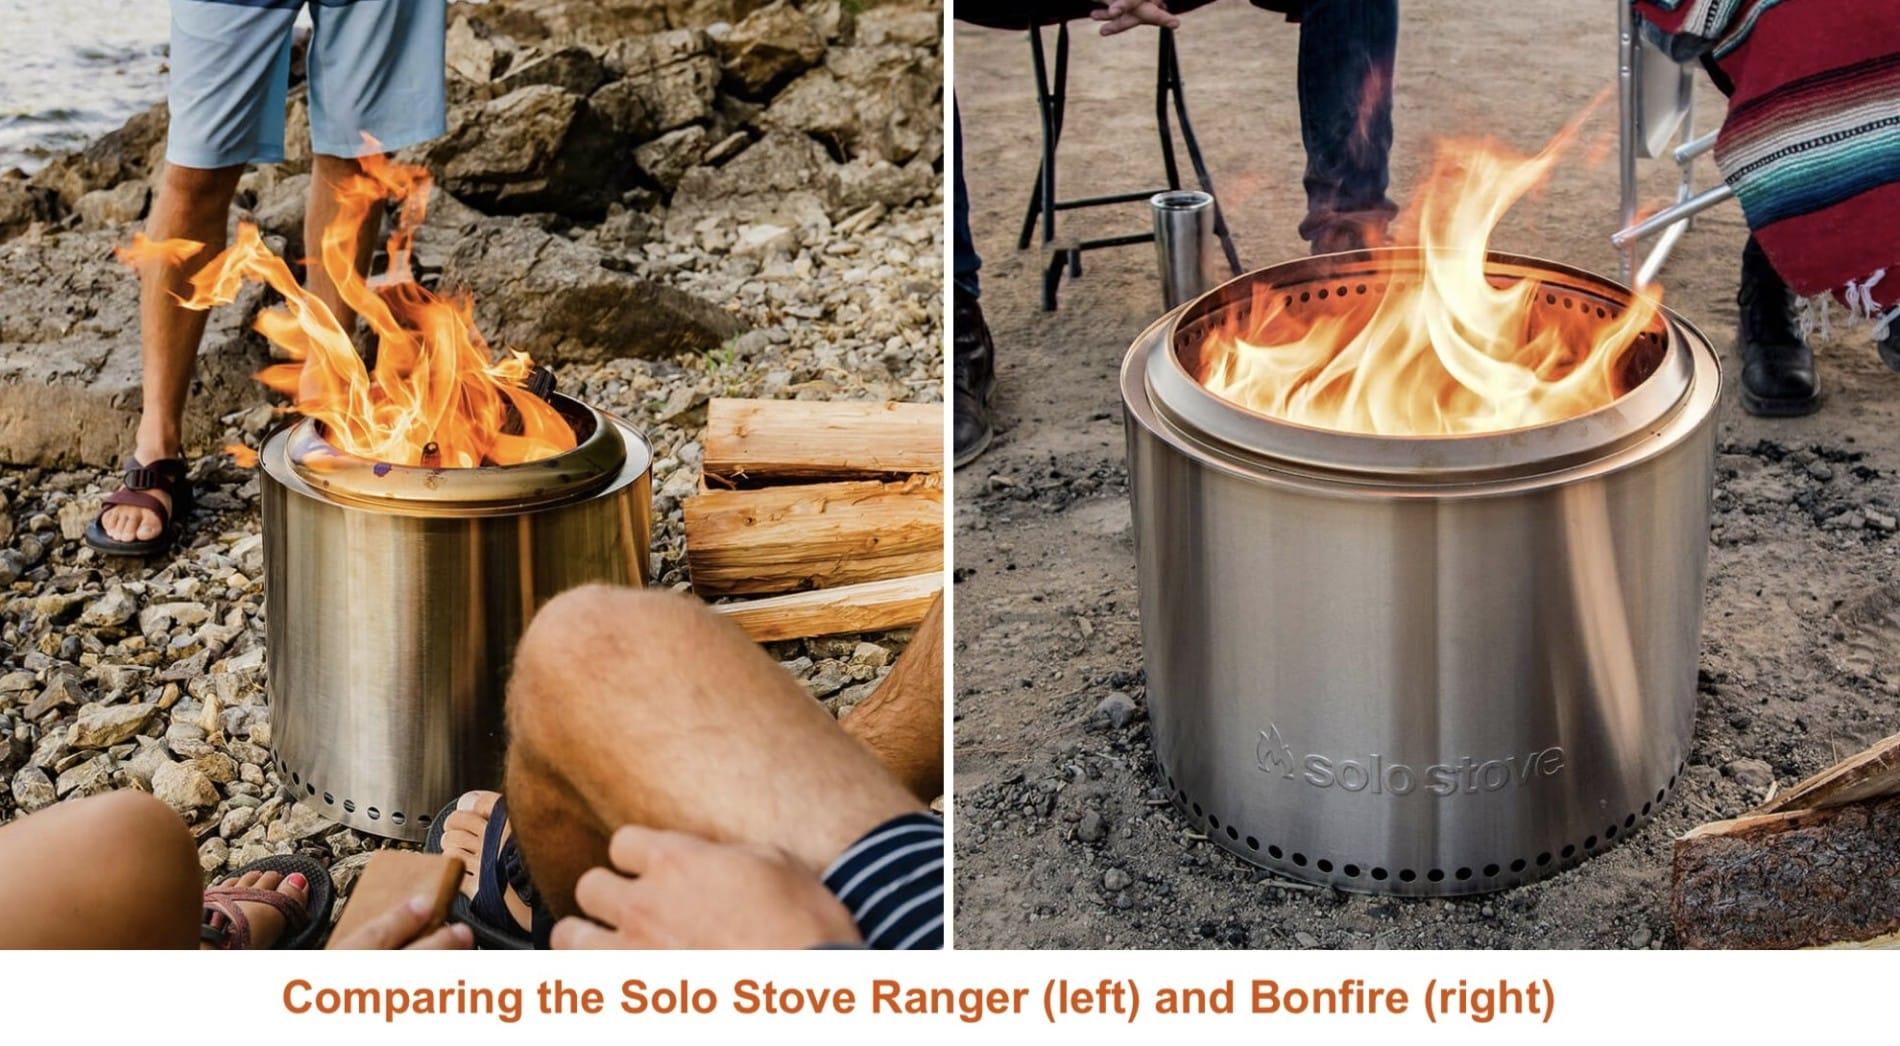 Solo Stove Ranger vs Bonfire use comparison